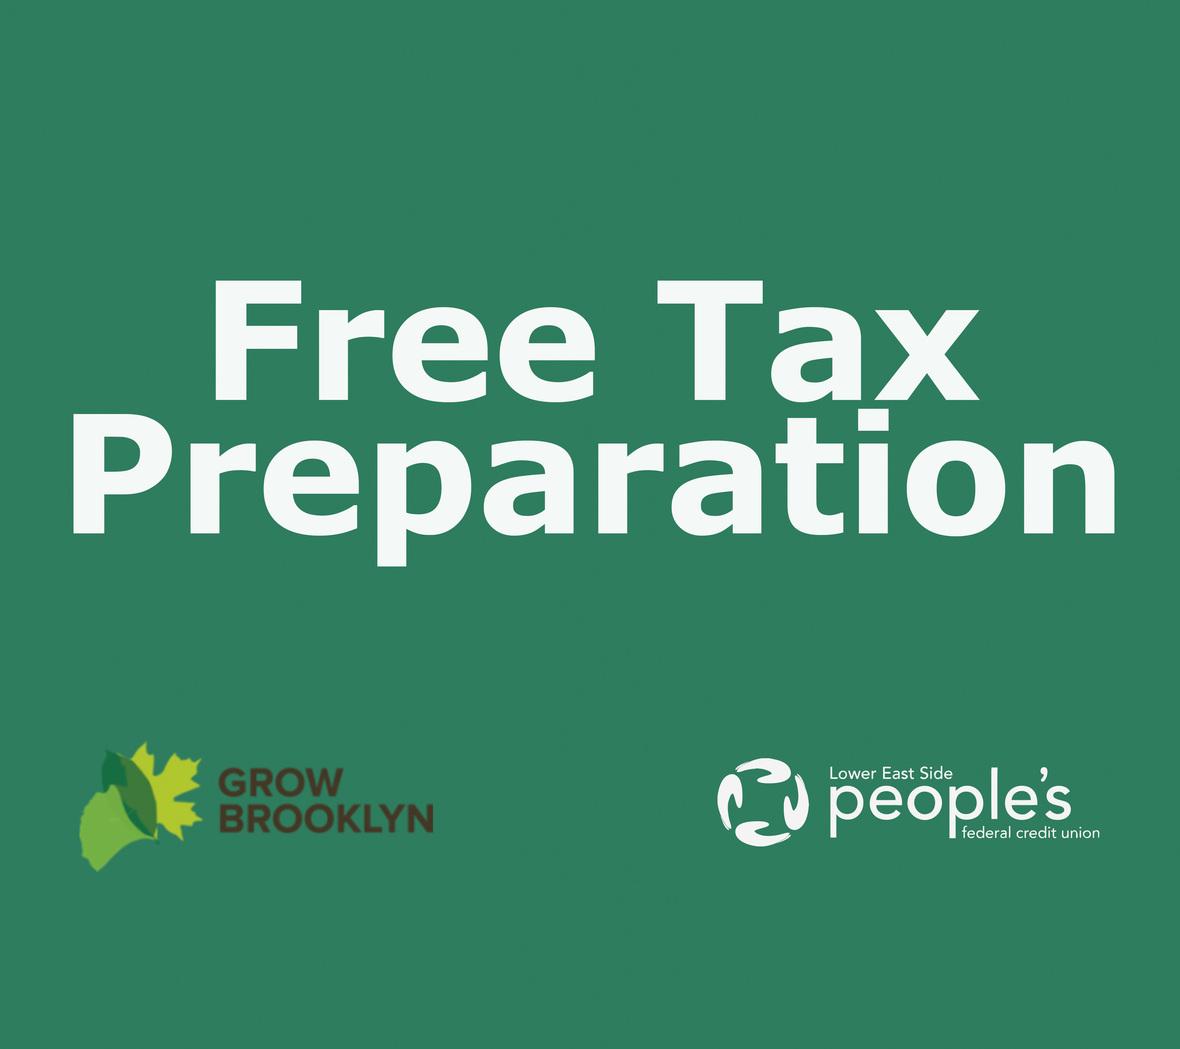 2020 Free Tax Preparation